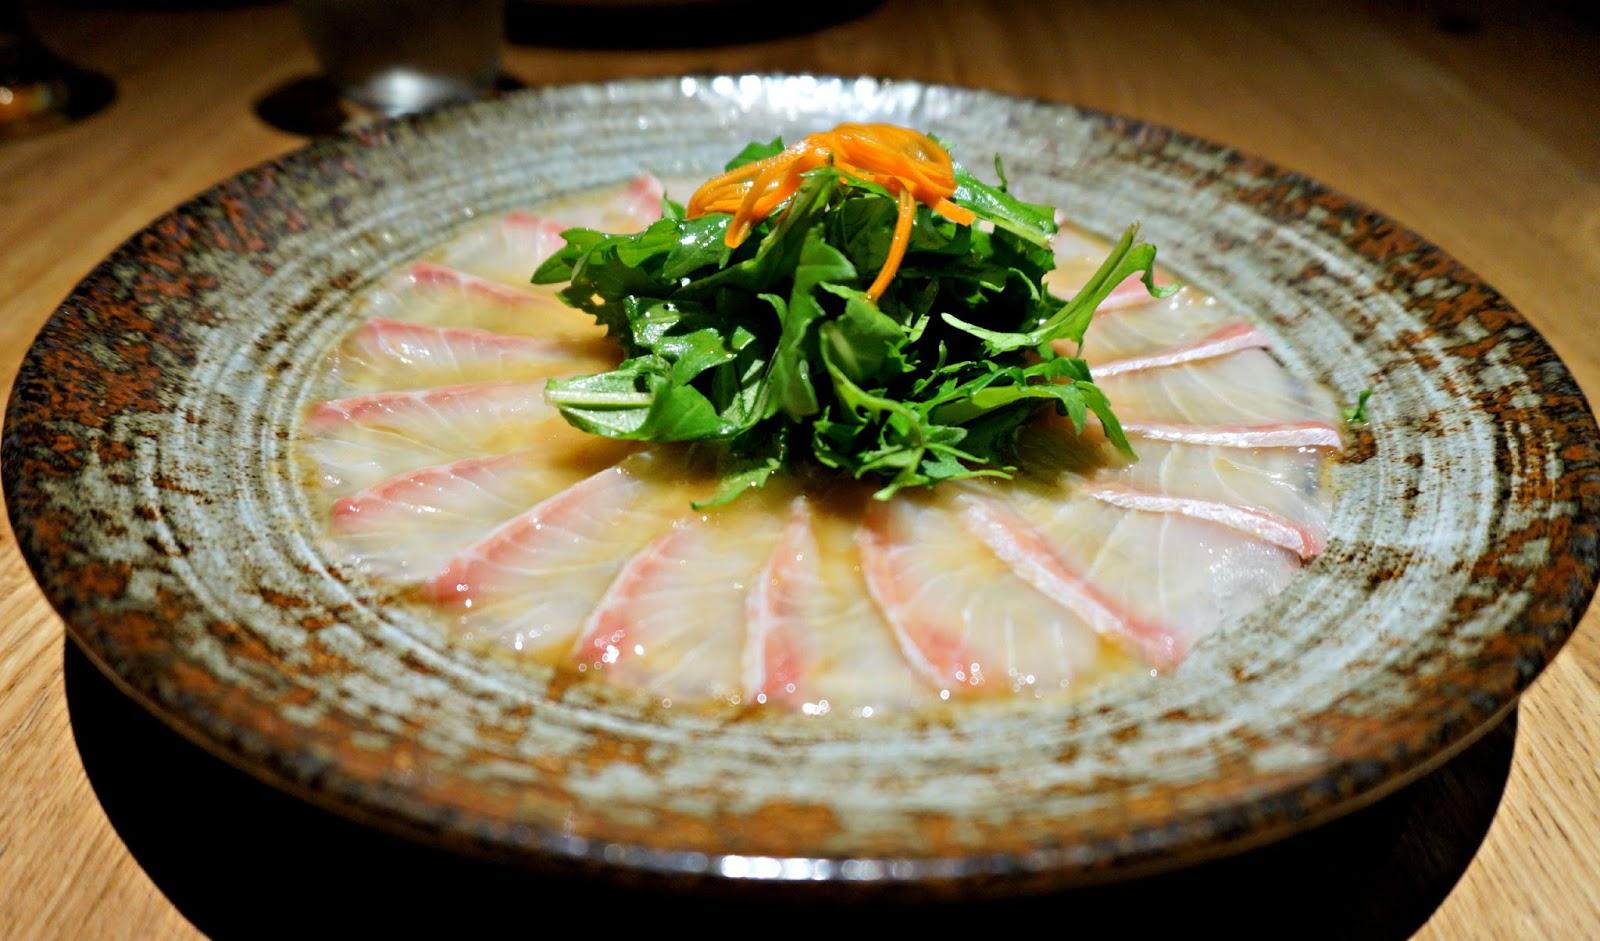 Elle bloggs by lauren barry birthday dinner at roka for Sashimi dressing